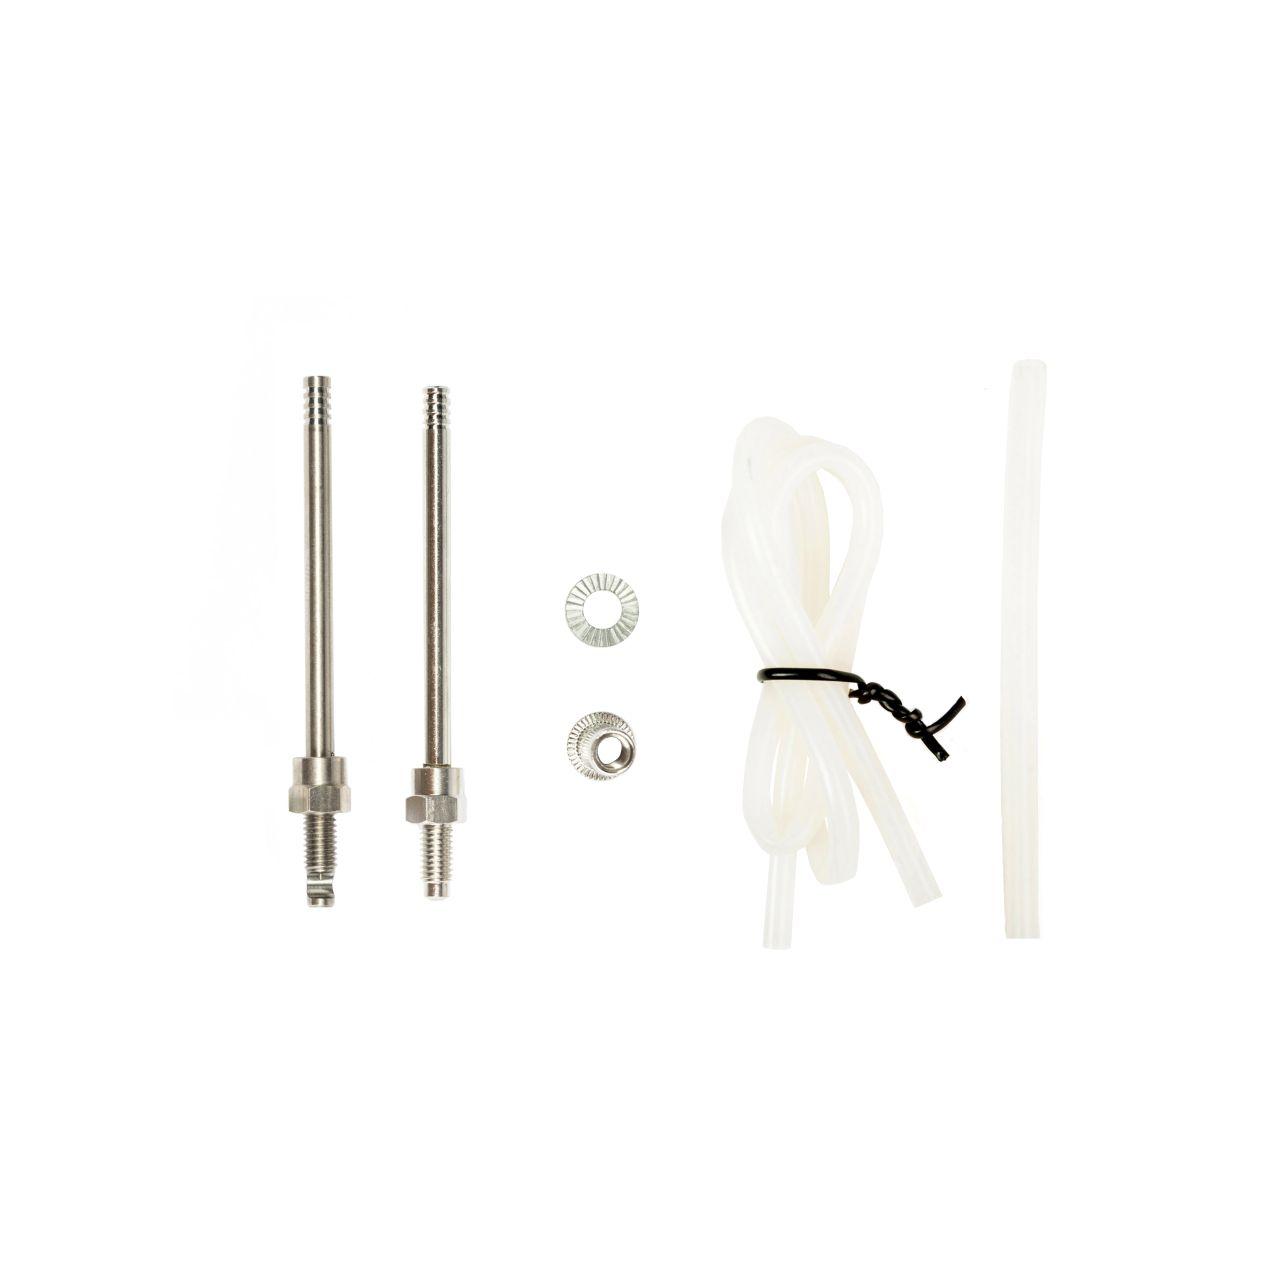 Die verschiedenen Injections Nadeln mit den Schläuchen